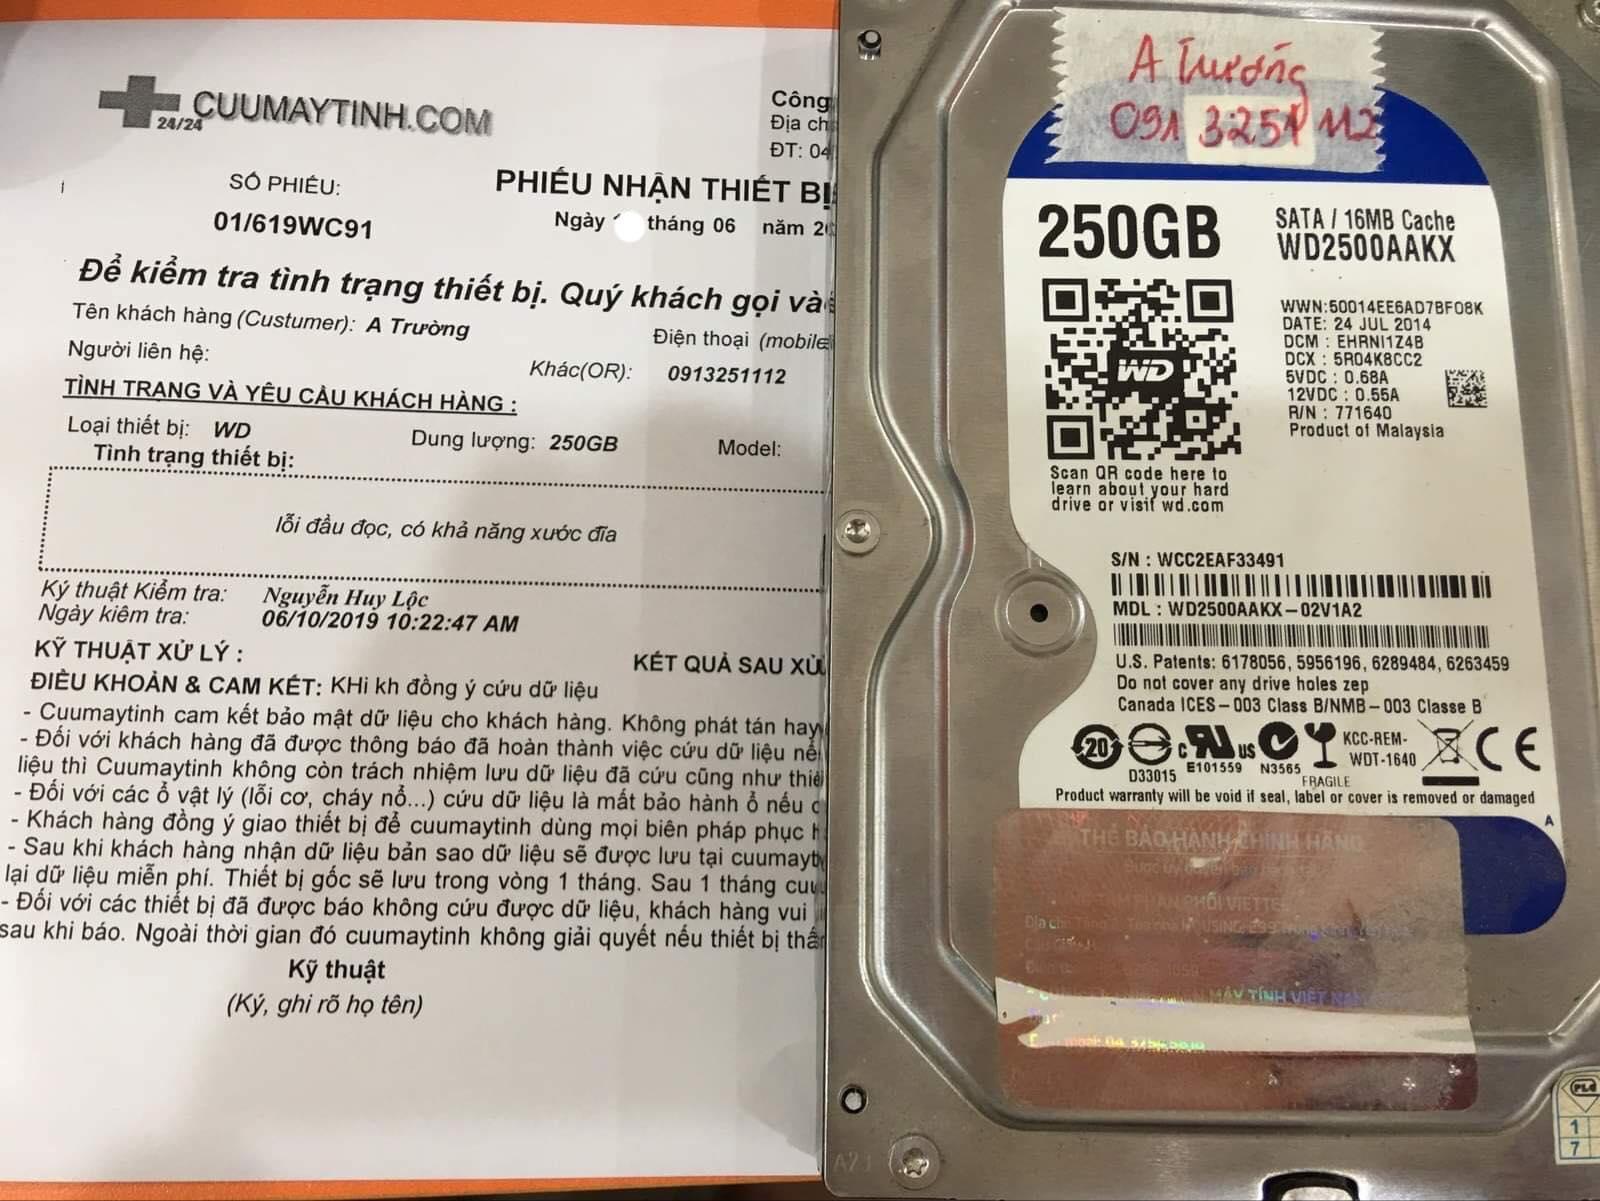 Cứu dữ liệu ổ cứng Western 250GB lỗi đầu đọc 19/06/2019 - cuumaytinh